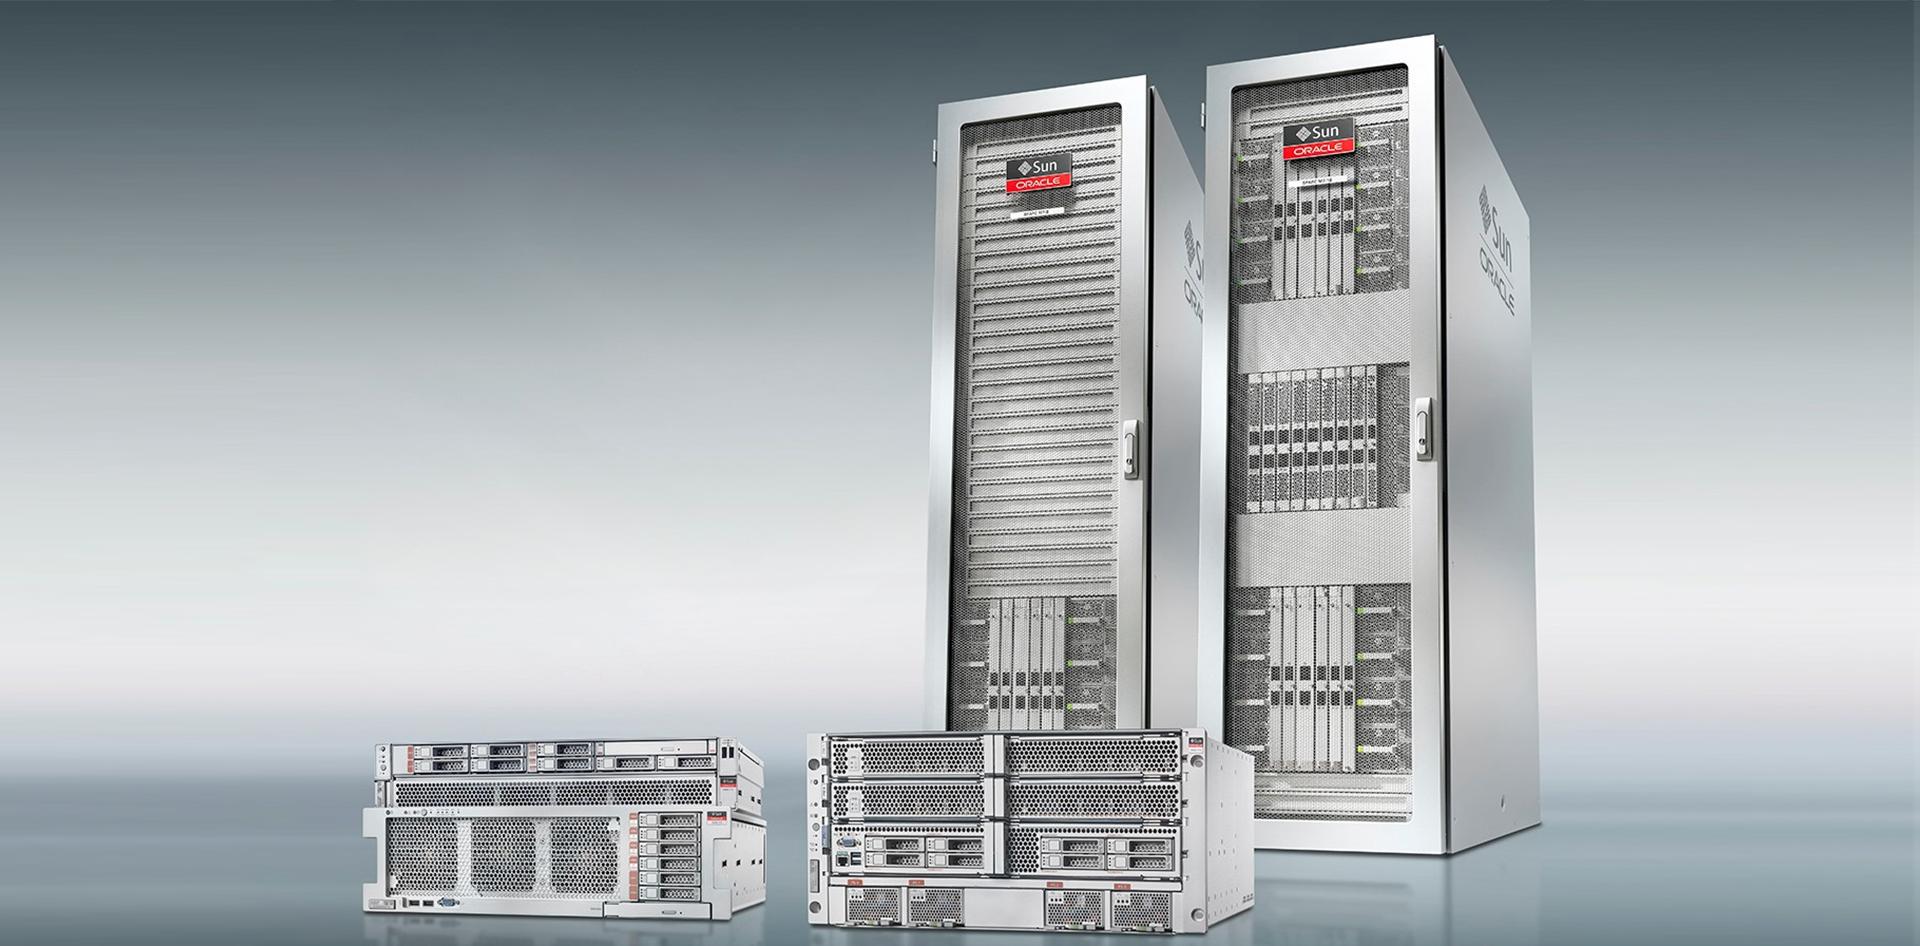 Серверы Oracle SPARC T7 и M7 — новая платформа для защищенных вычислений - 3